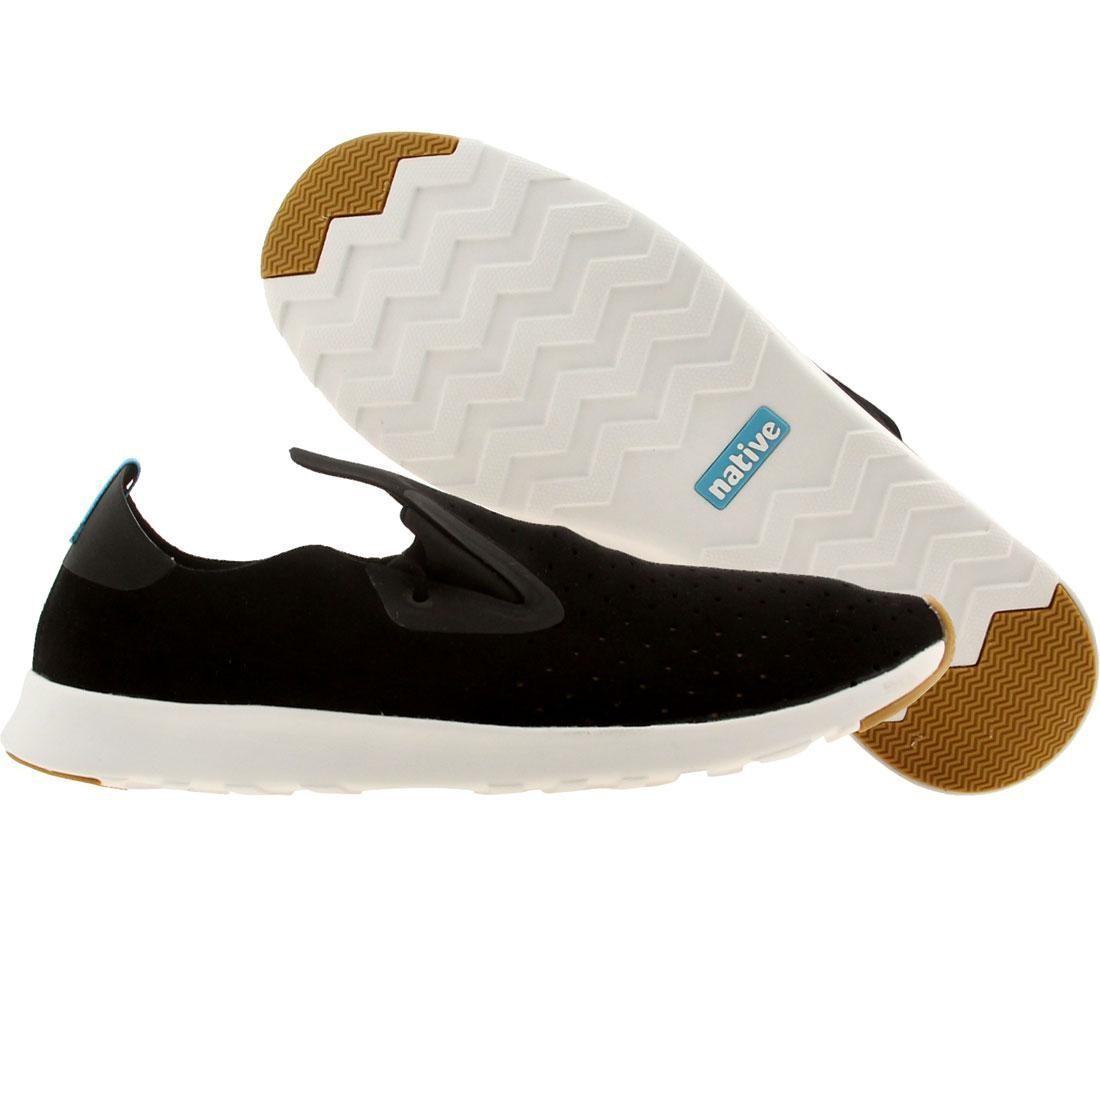 【海外限定】ネイティブ 黒 ブラック シェル 靴 メンズ靴 【 BLACK SHELL NATIVE MEN APOLLO MOC JIFFY WHITE 】